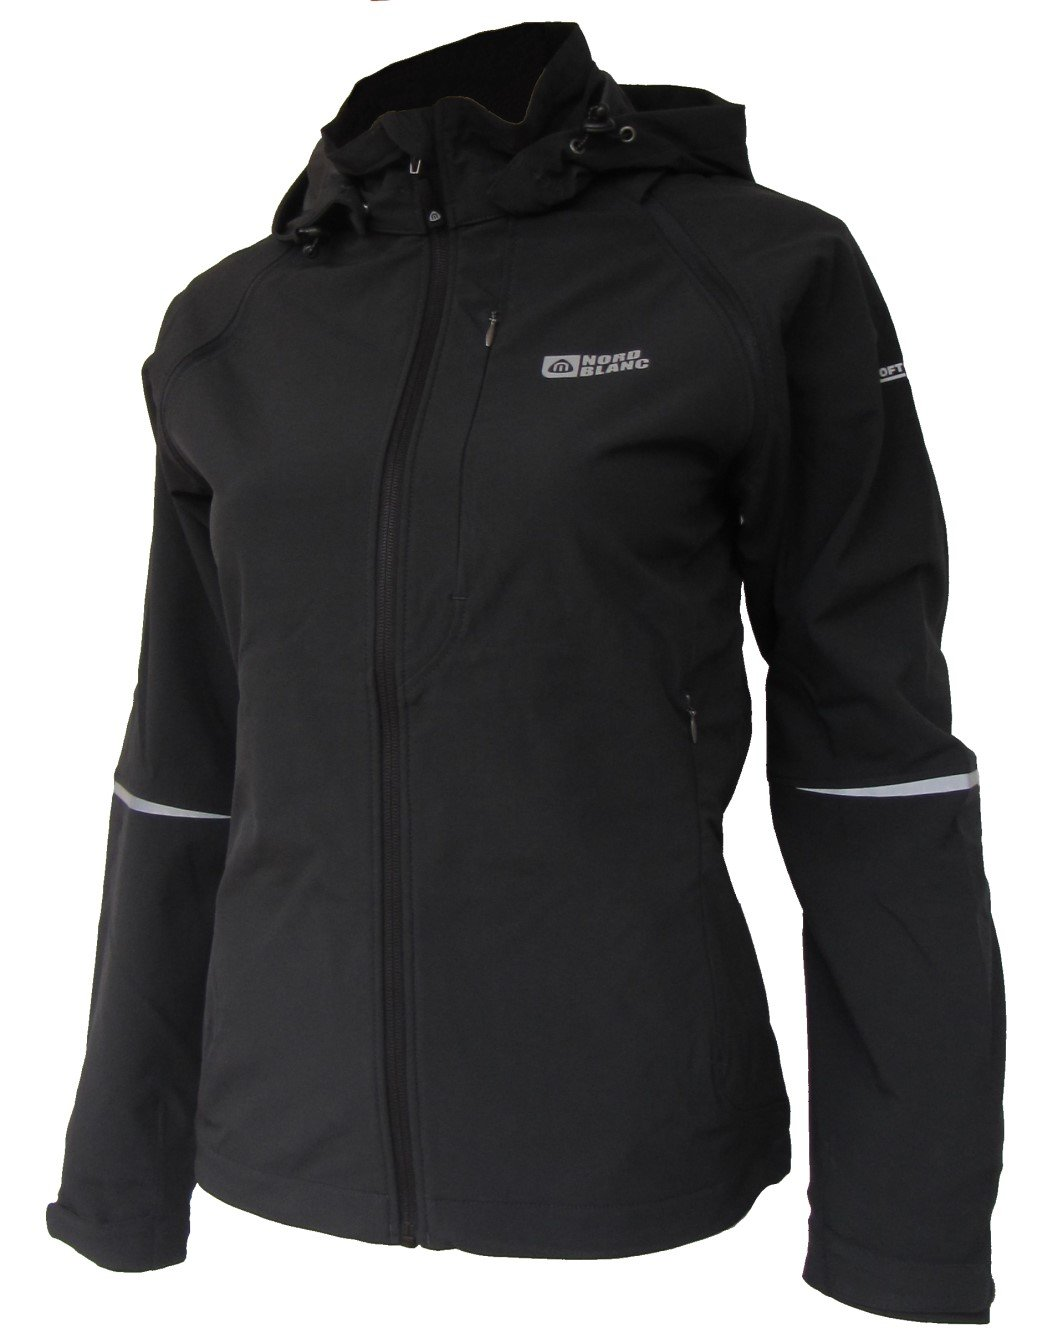 NordBlanc Damen Softshell Jacke 36-46 günstig online kaufen